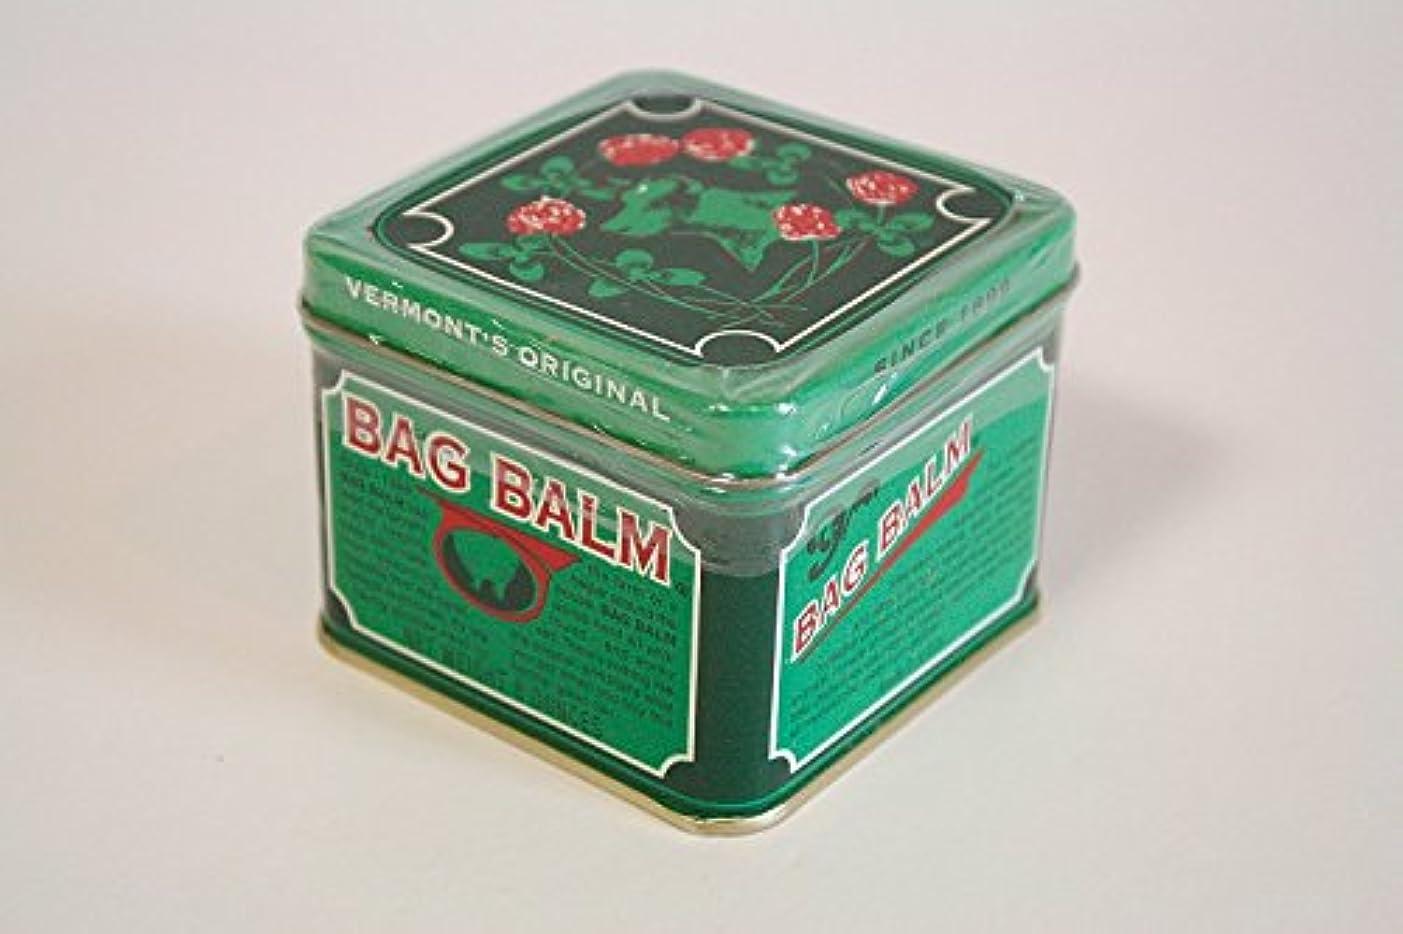 マーカーピルファー分布Bag Balm バッグバーム 8oz 保湿クリーム Vermont's Original バーモントオリジナル[並行輸入品]